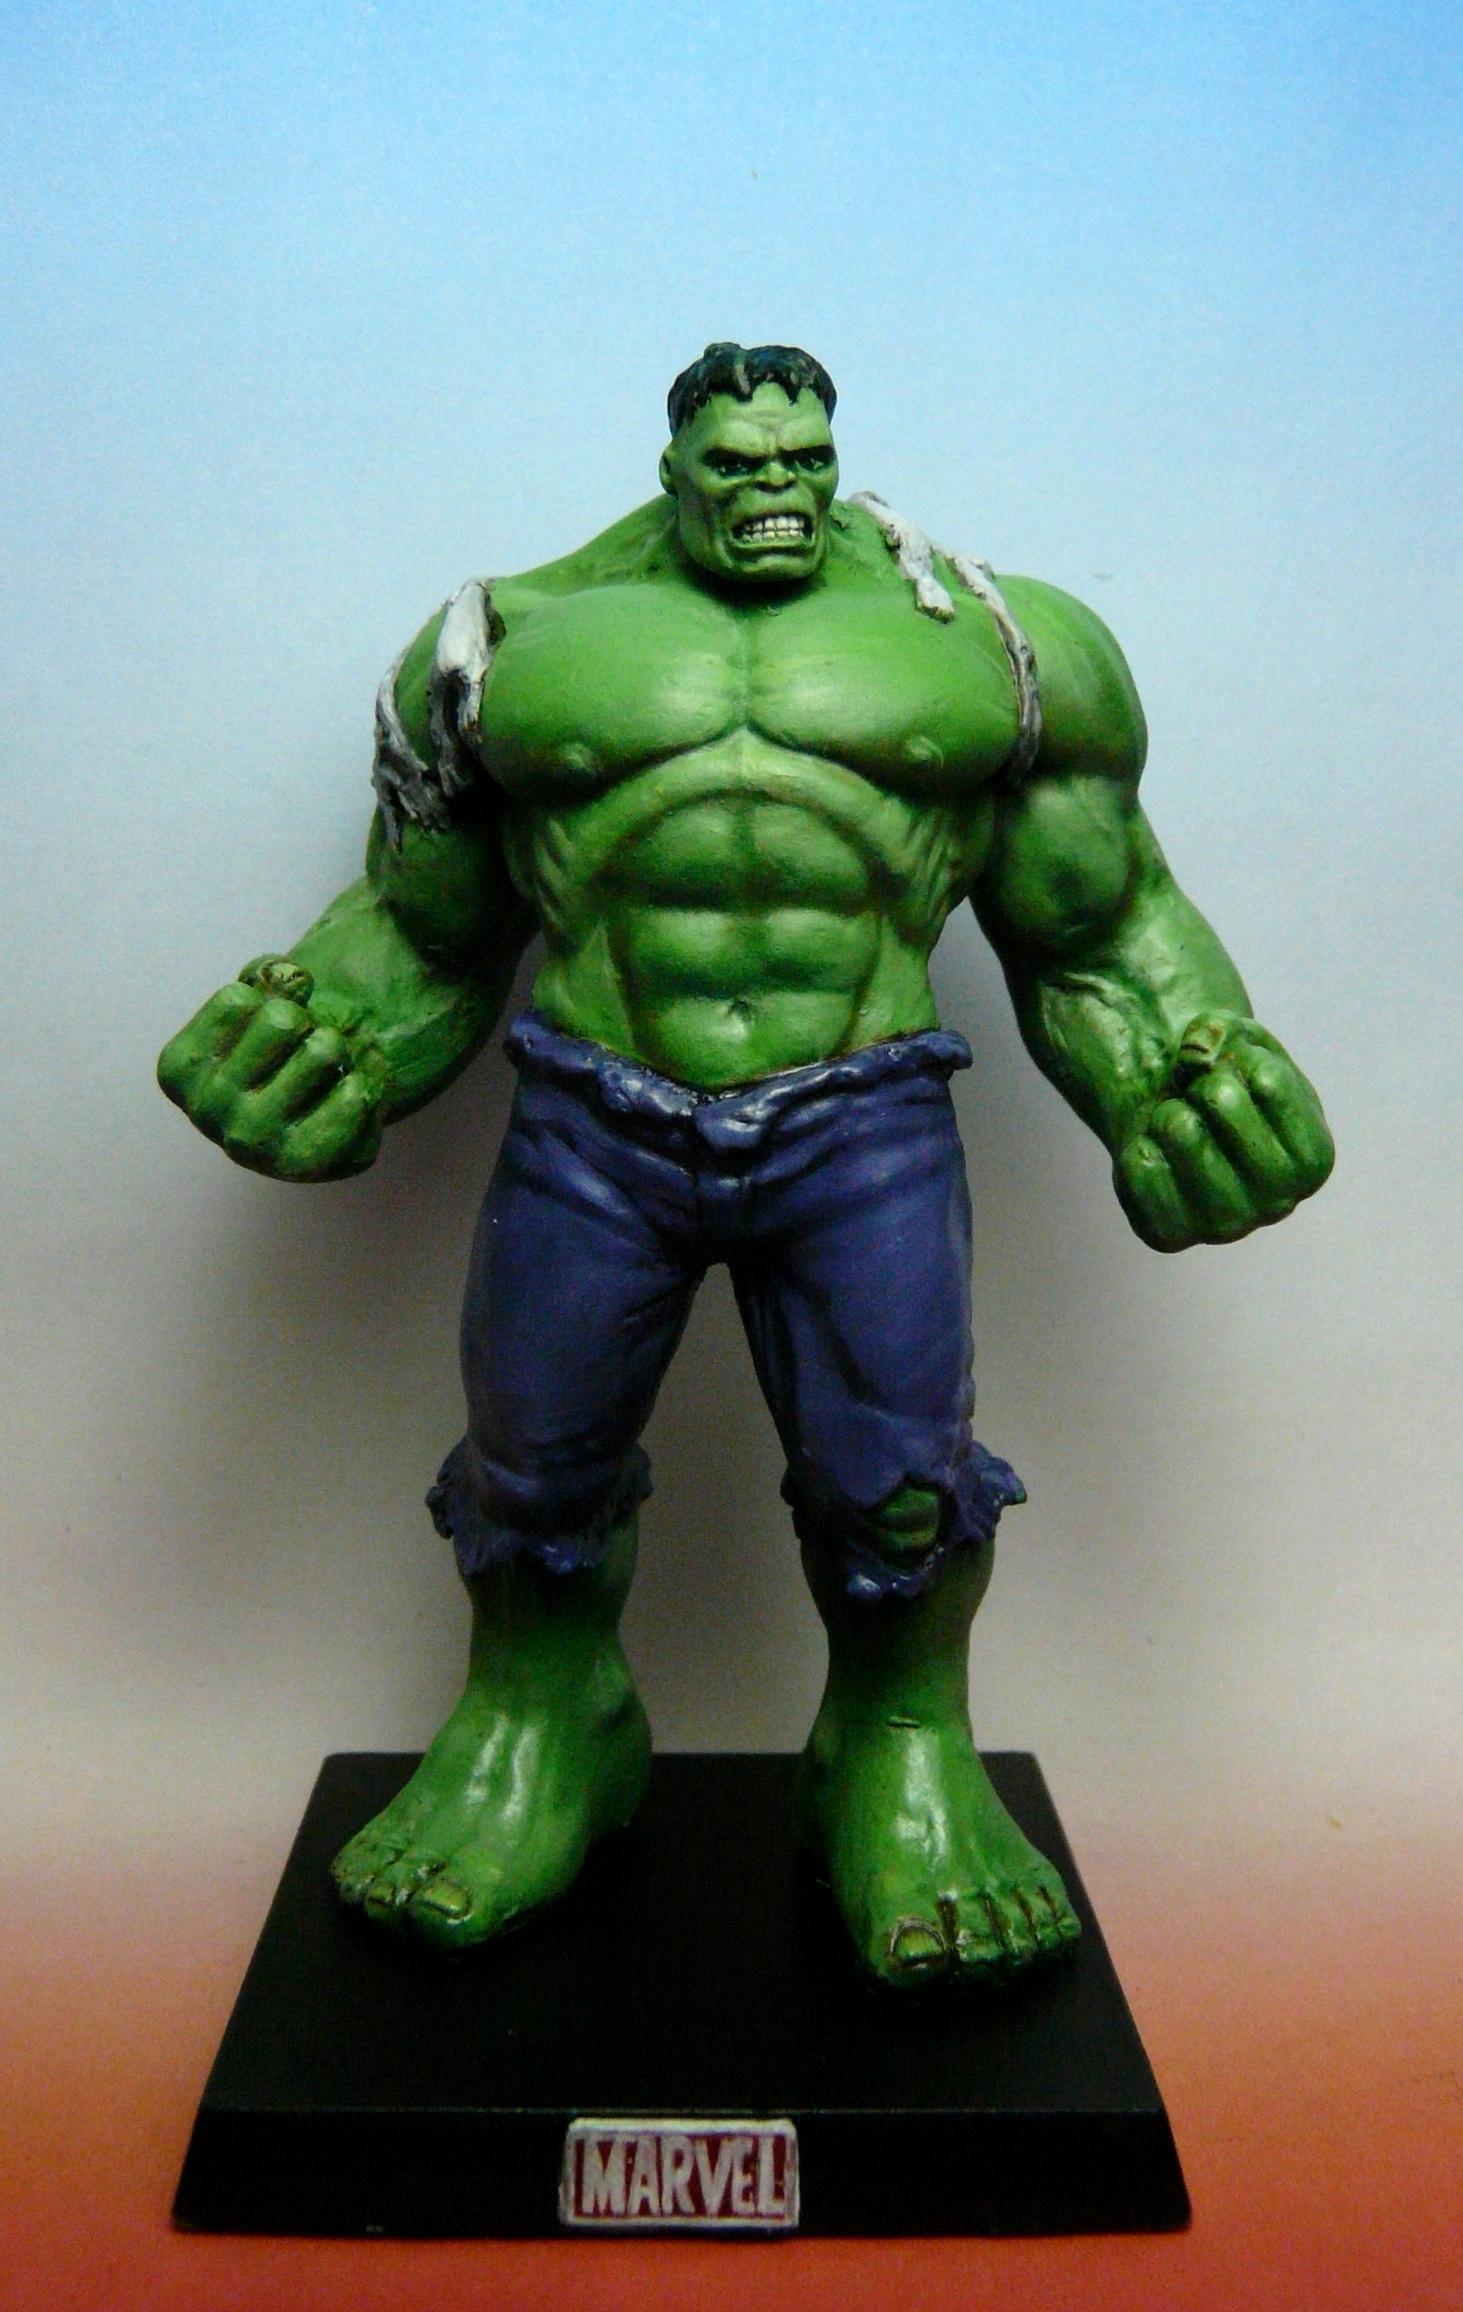 Comics, Hulk, Marvel, Superhero